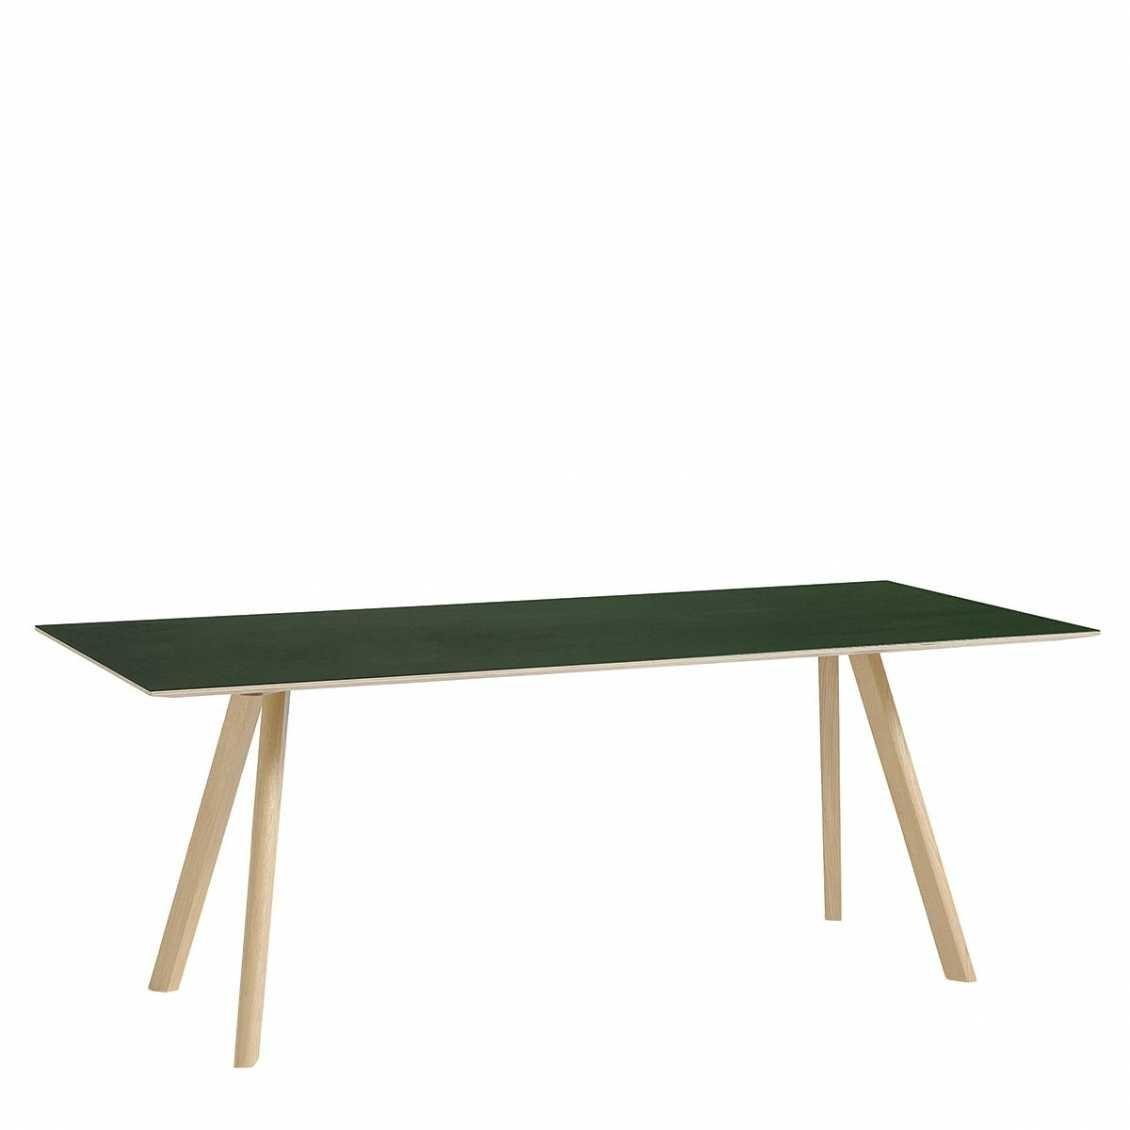 HAY CPH30 Table - L 250 cm